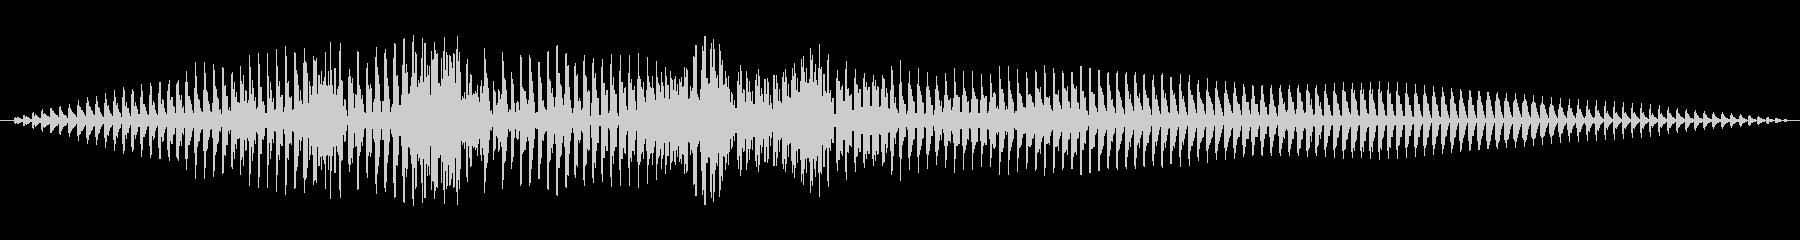 ビッグバズスイープ2の未再生の波形